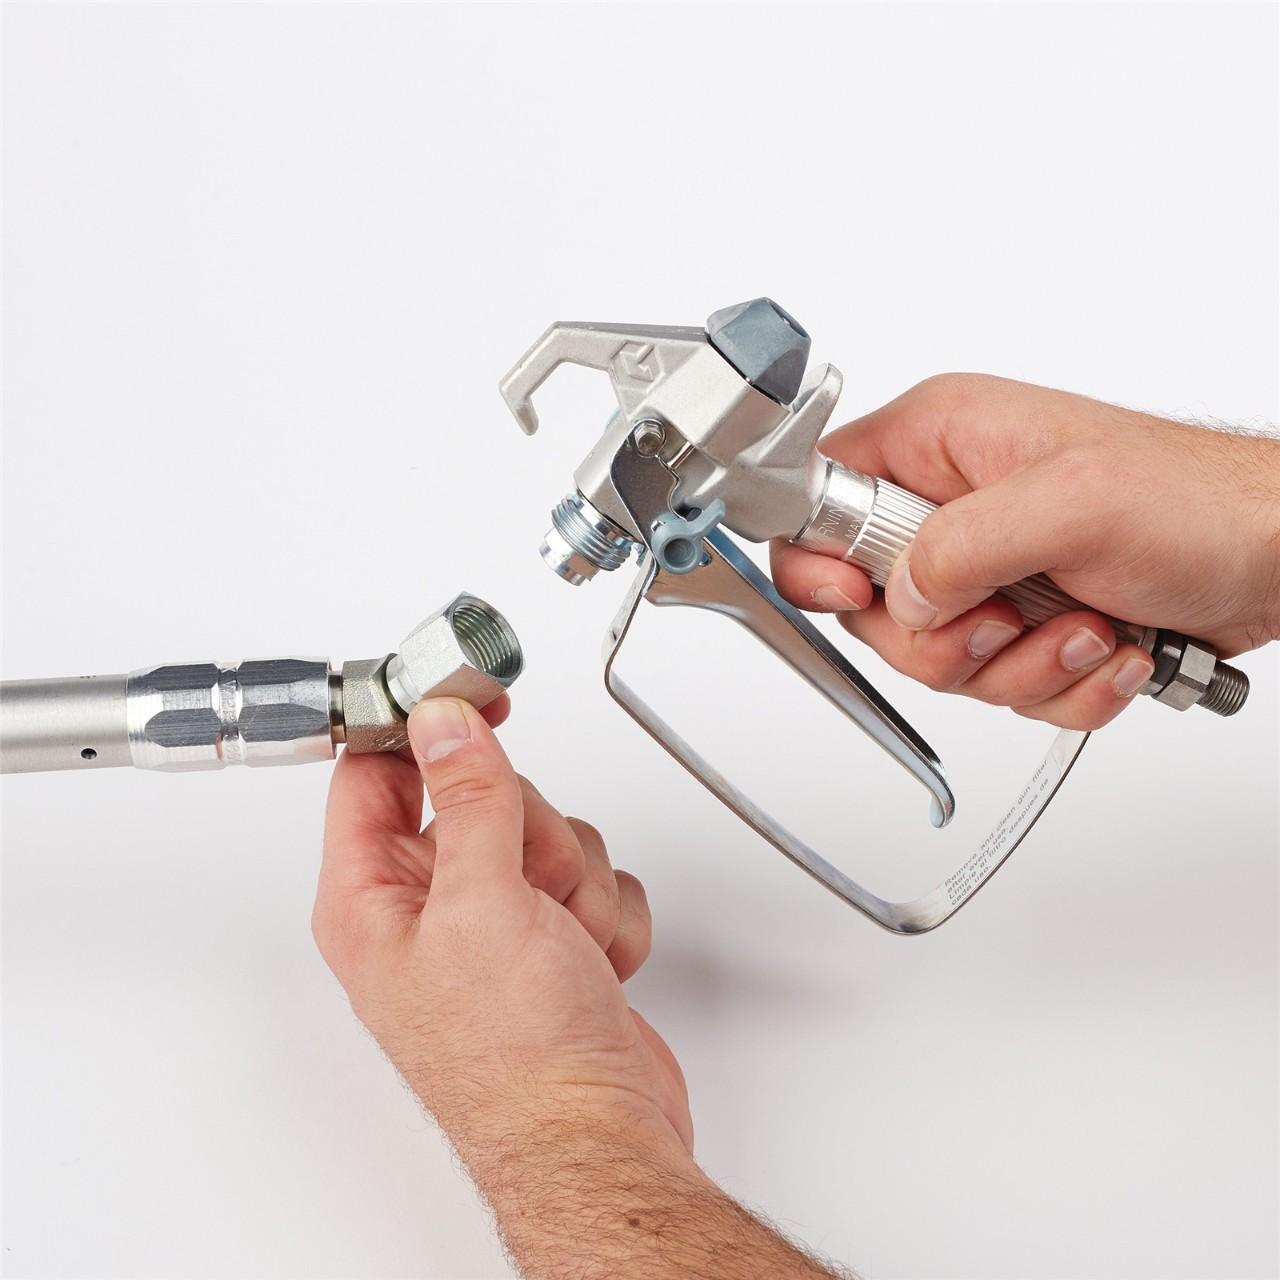 Graco 244512 Pressure Rollr Kit Graco